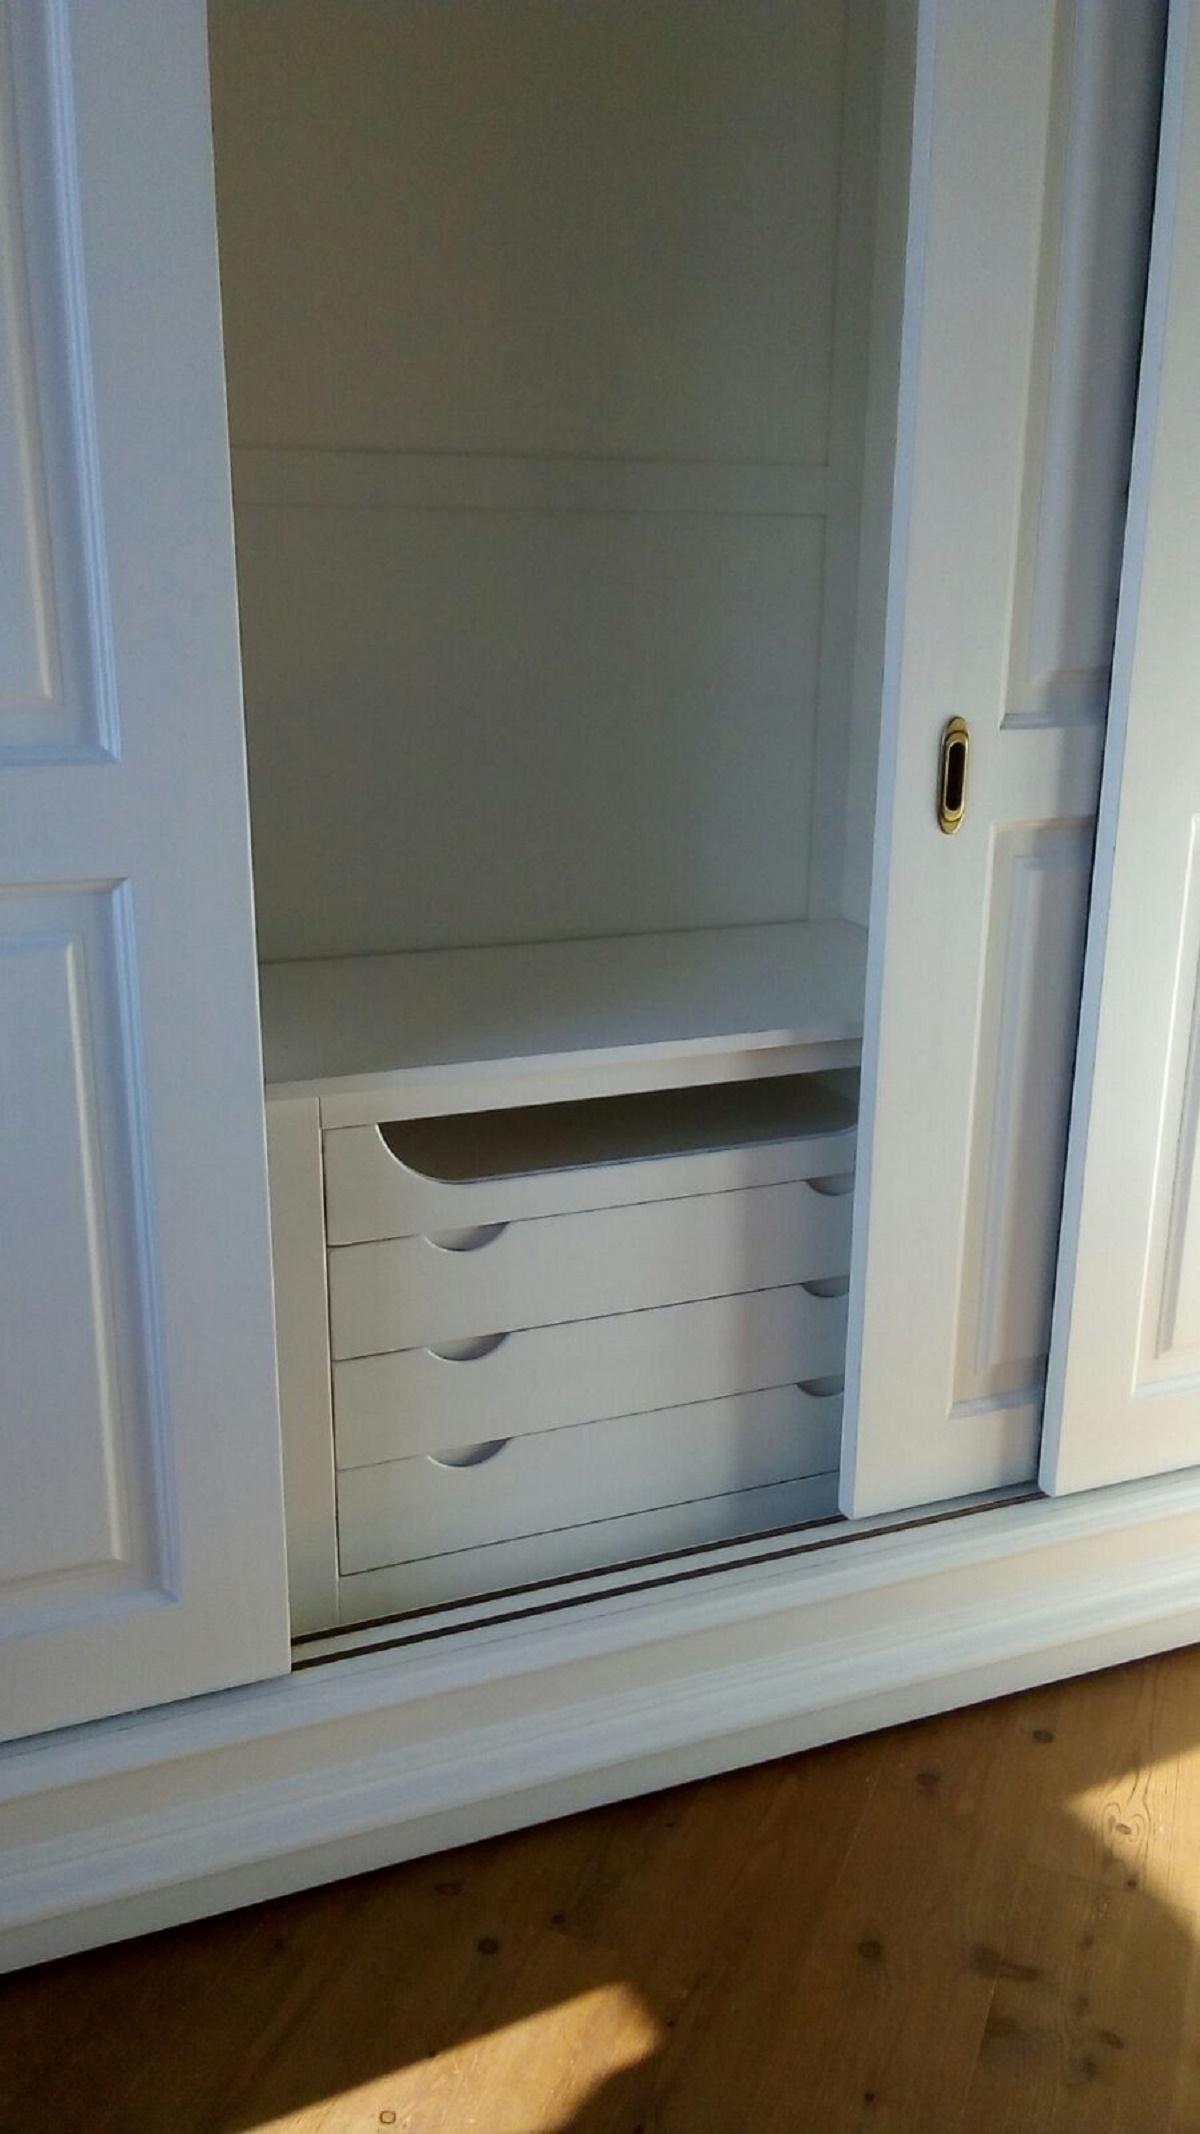 Armadio in legno a tre ante scorrevoli con cassettiera - Cassettiera interna armadio ...